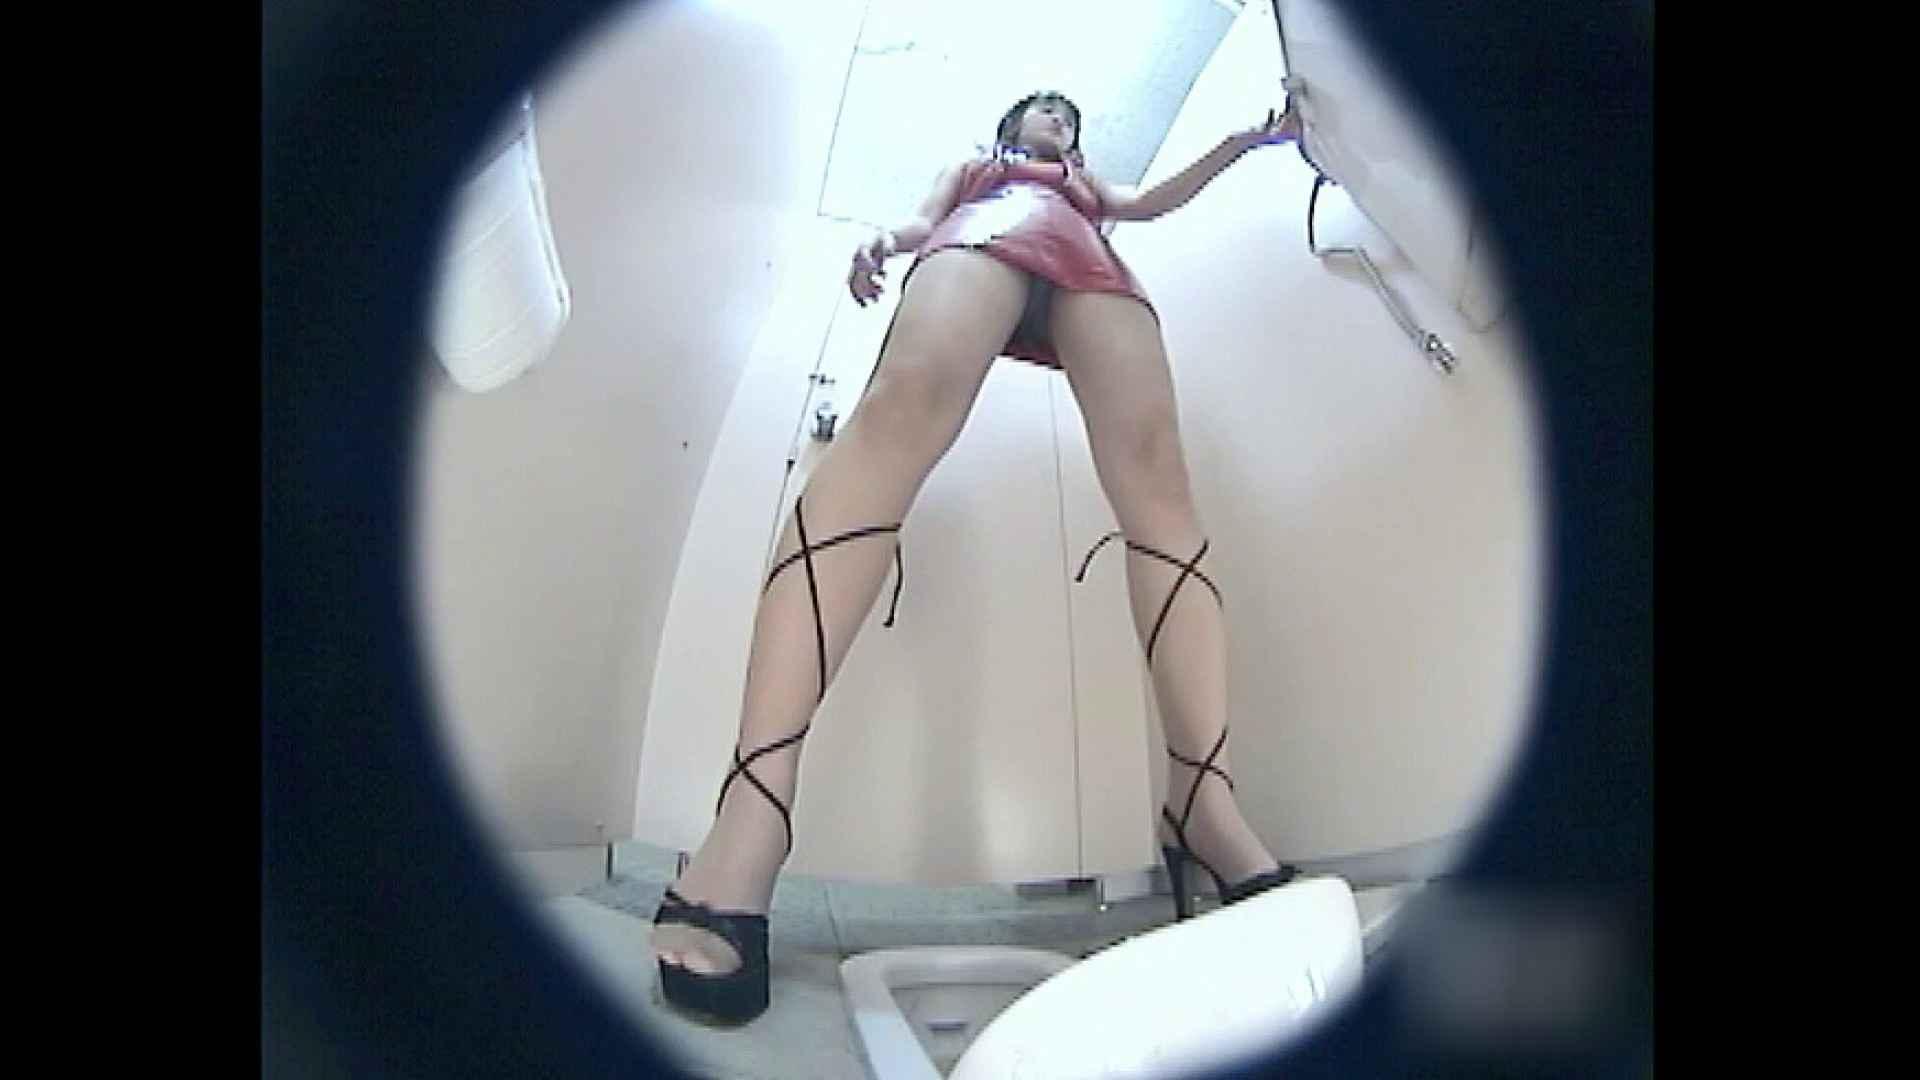 レースクィーントイレ盗撮!Vol.03 美女エロ画像 おまんこ動画流出 76PICs 50